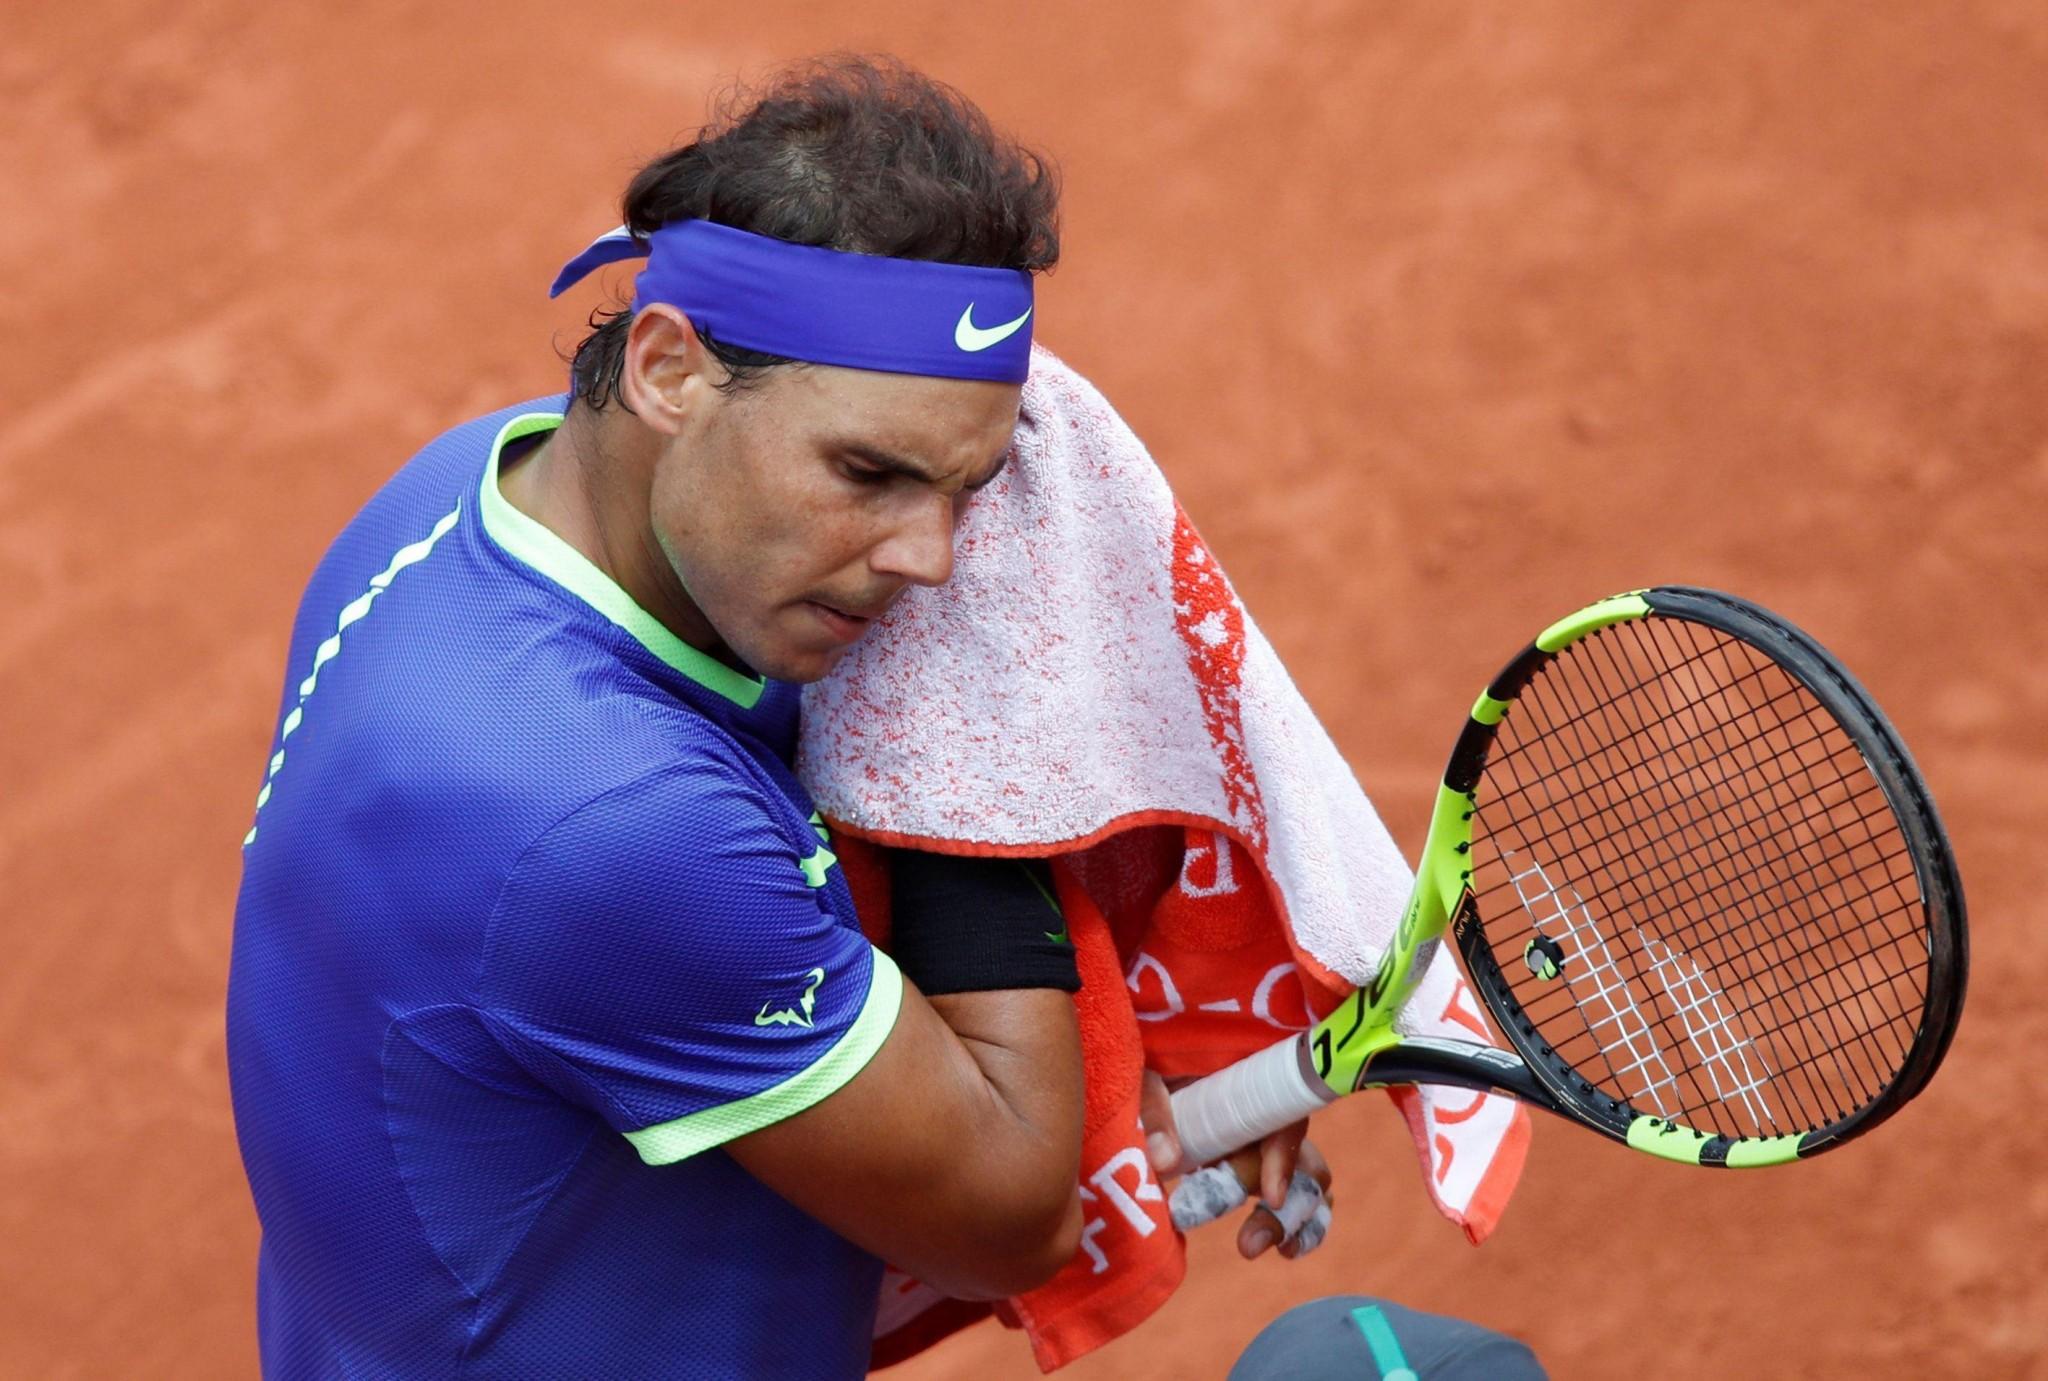 Roland Garros Handdoek.Nadal Boos Op Umpire Je Zal Nooit Meer Umpire Van Me Zijn